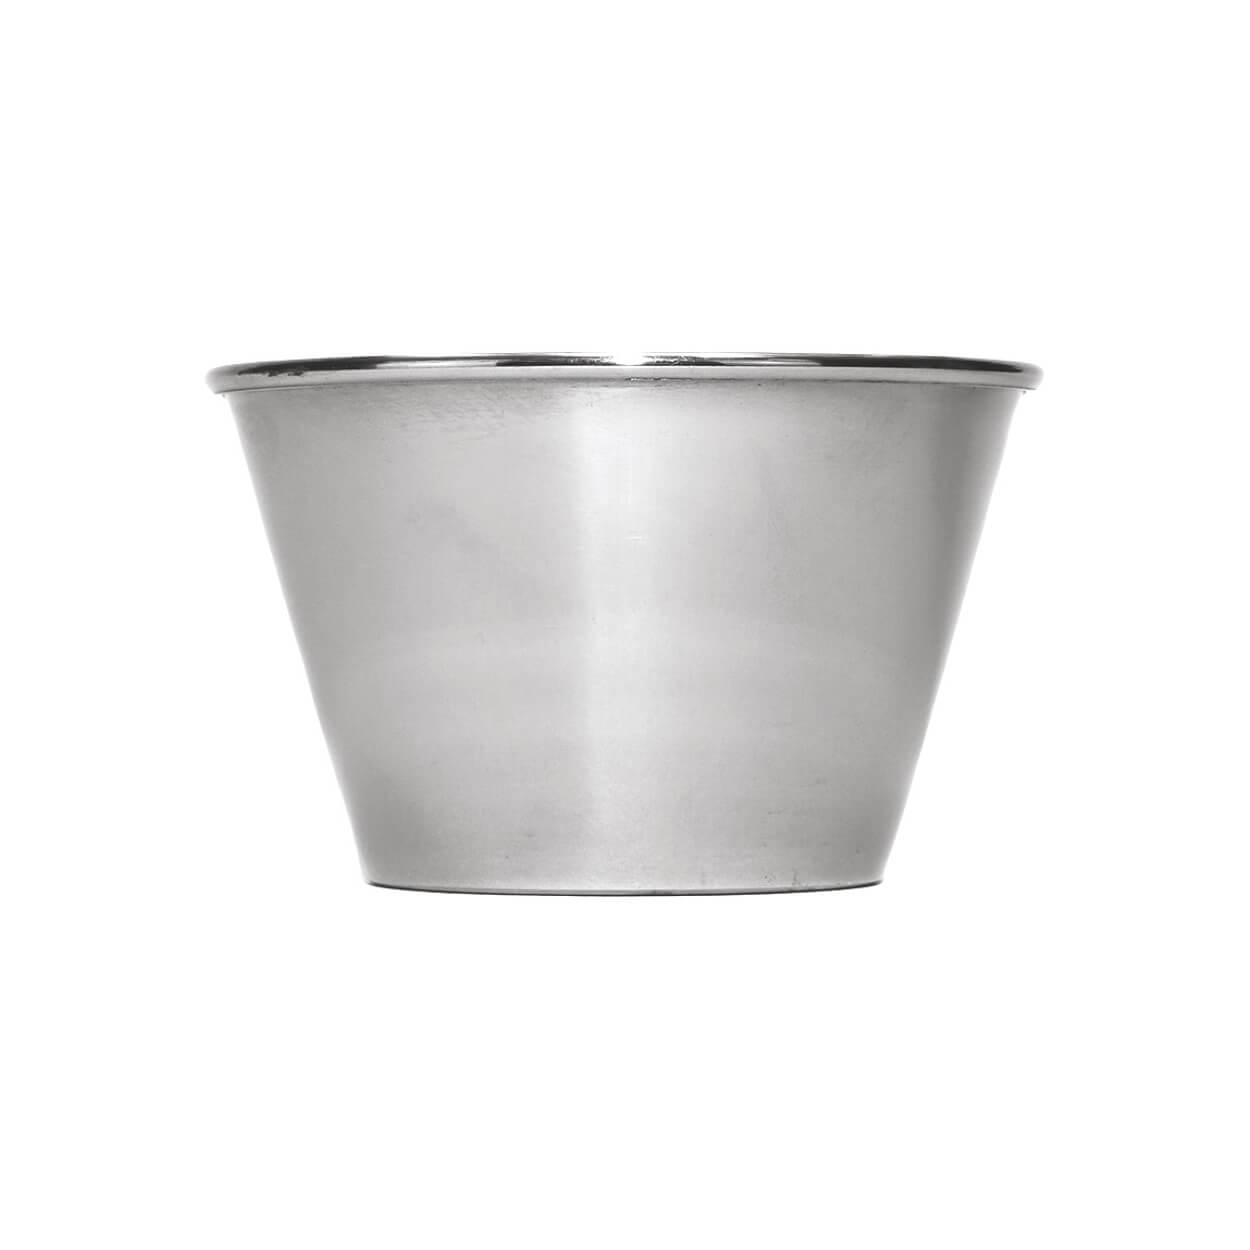 ΜΠΟΛ ΚΩΝΙΚΟ INOX 8,5×5εκ